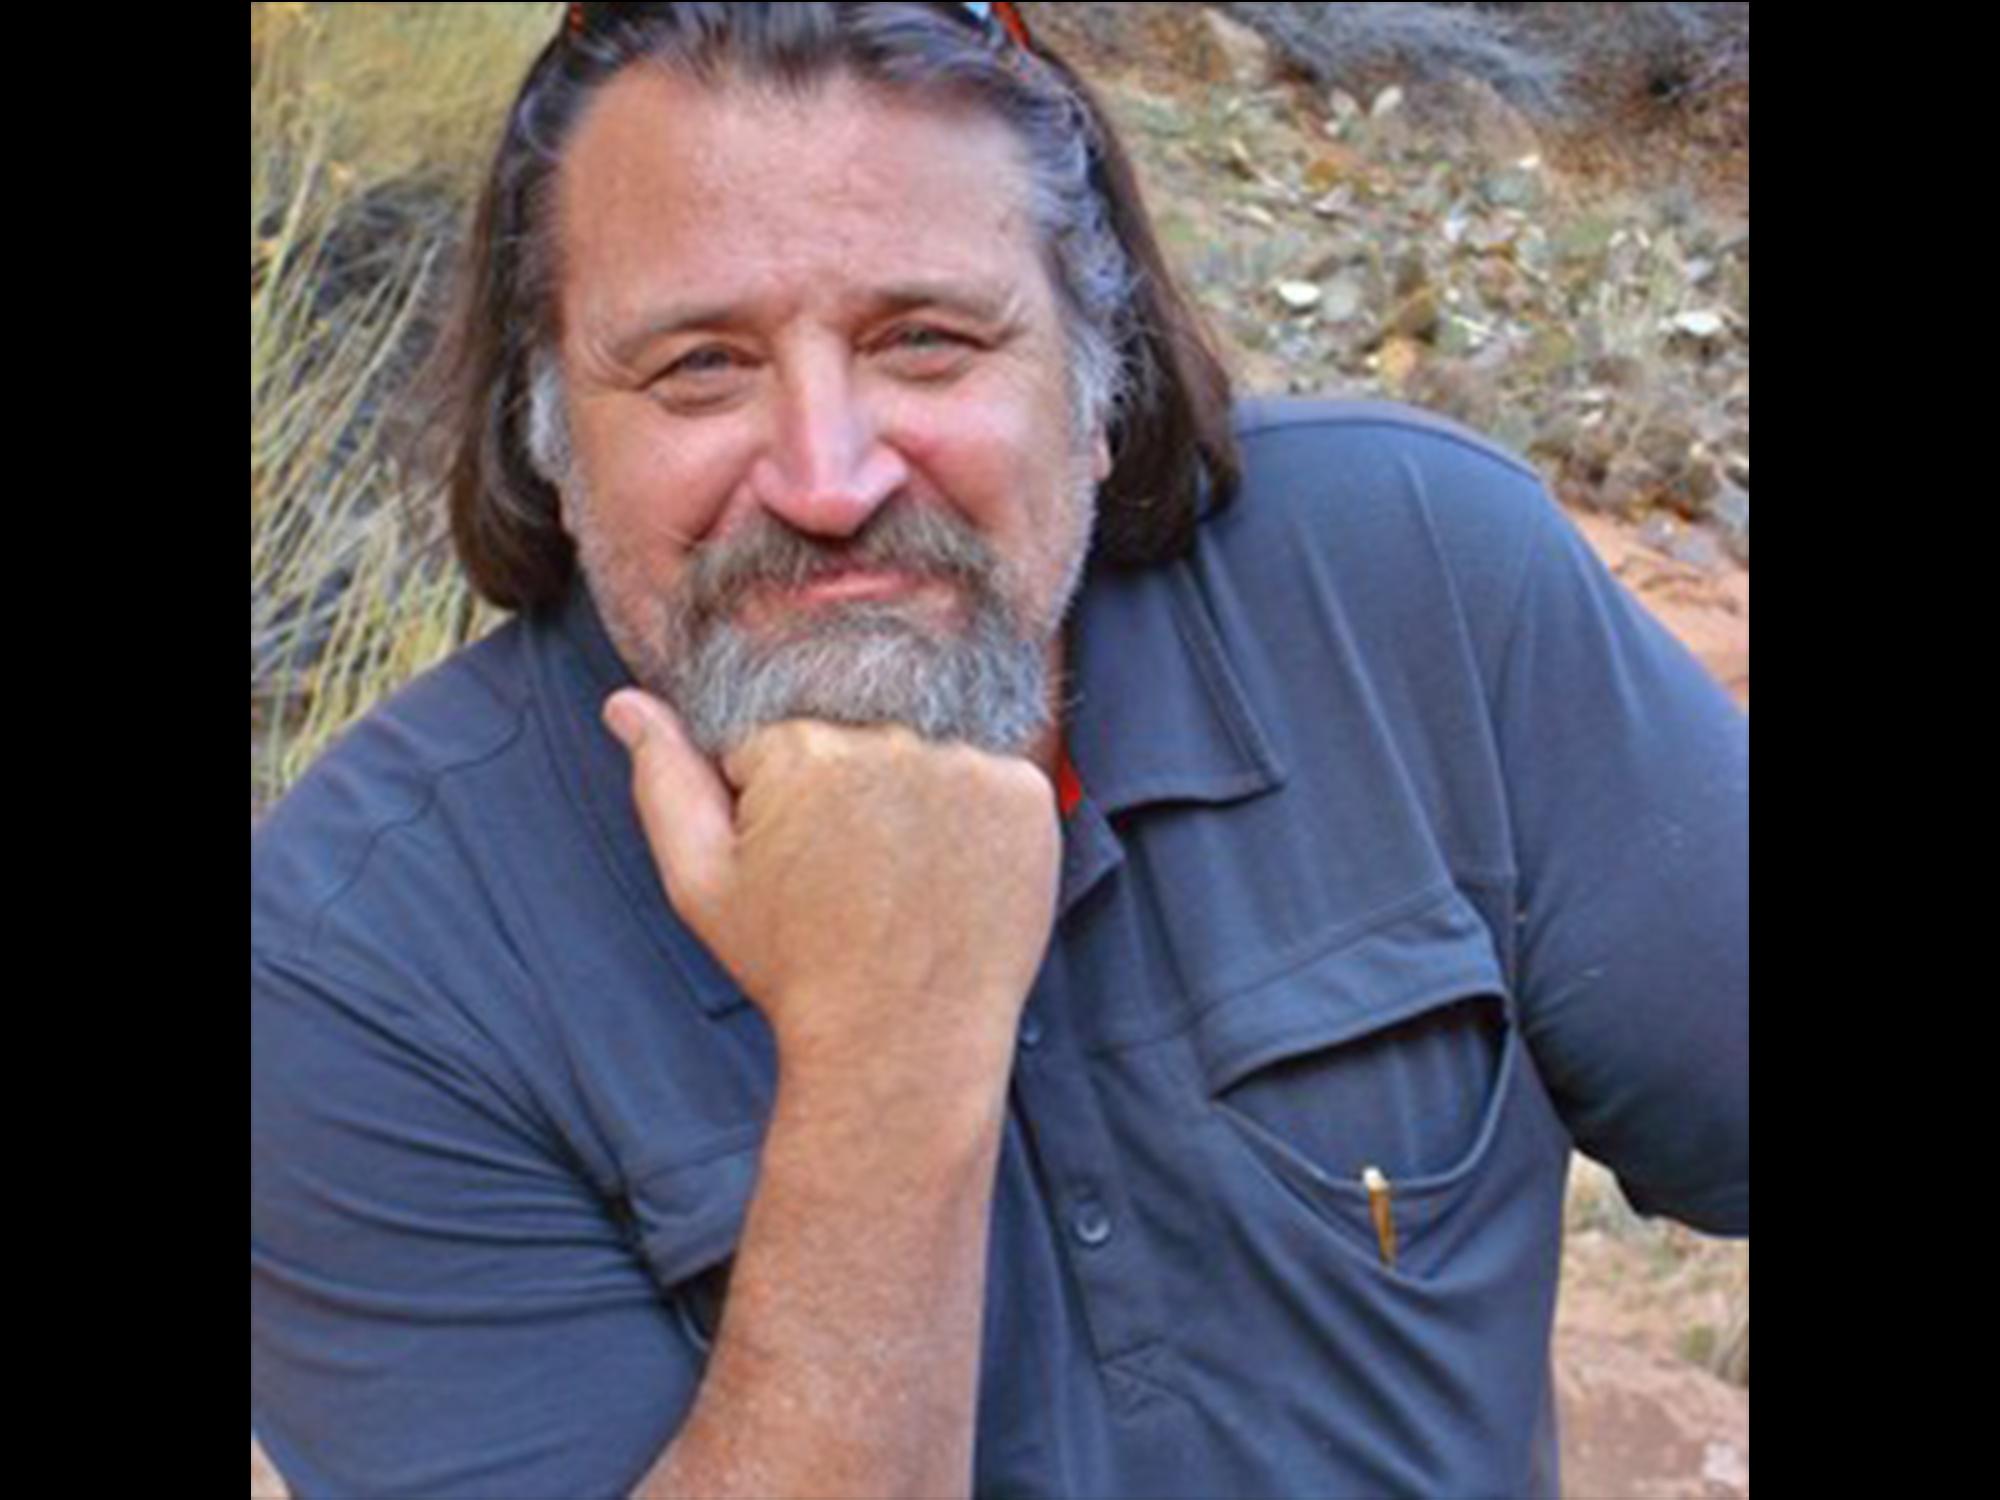 Dennis Sizemore, of conservation organisation Round River